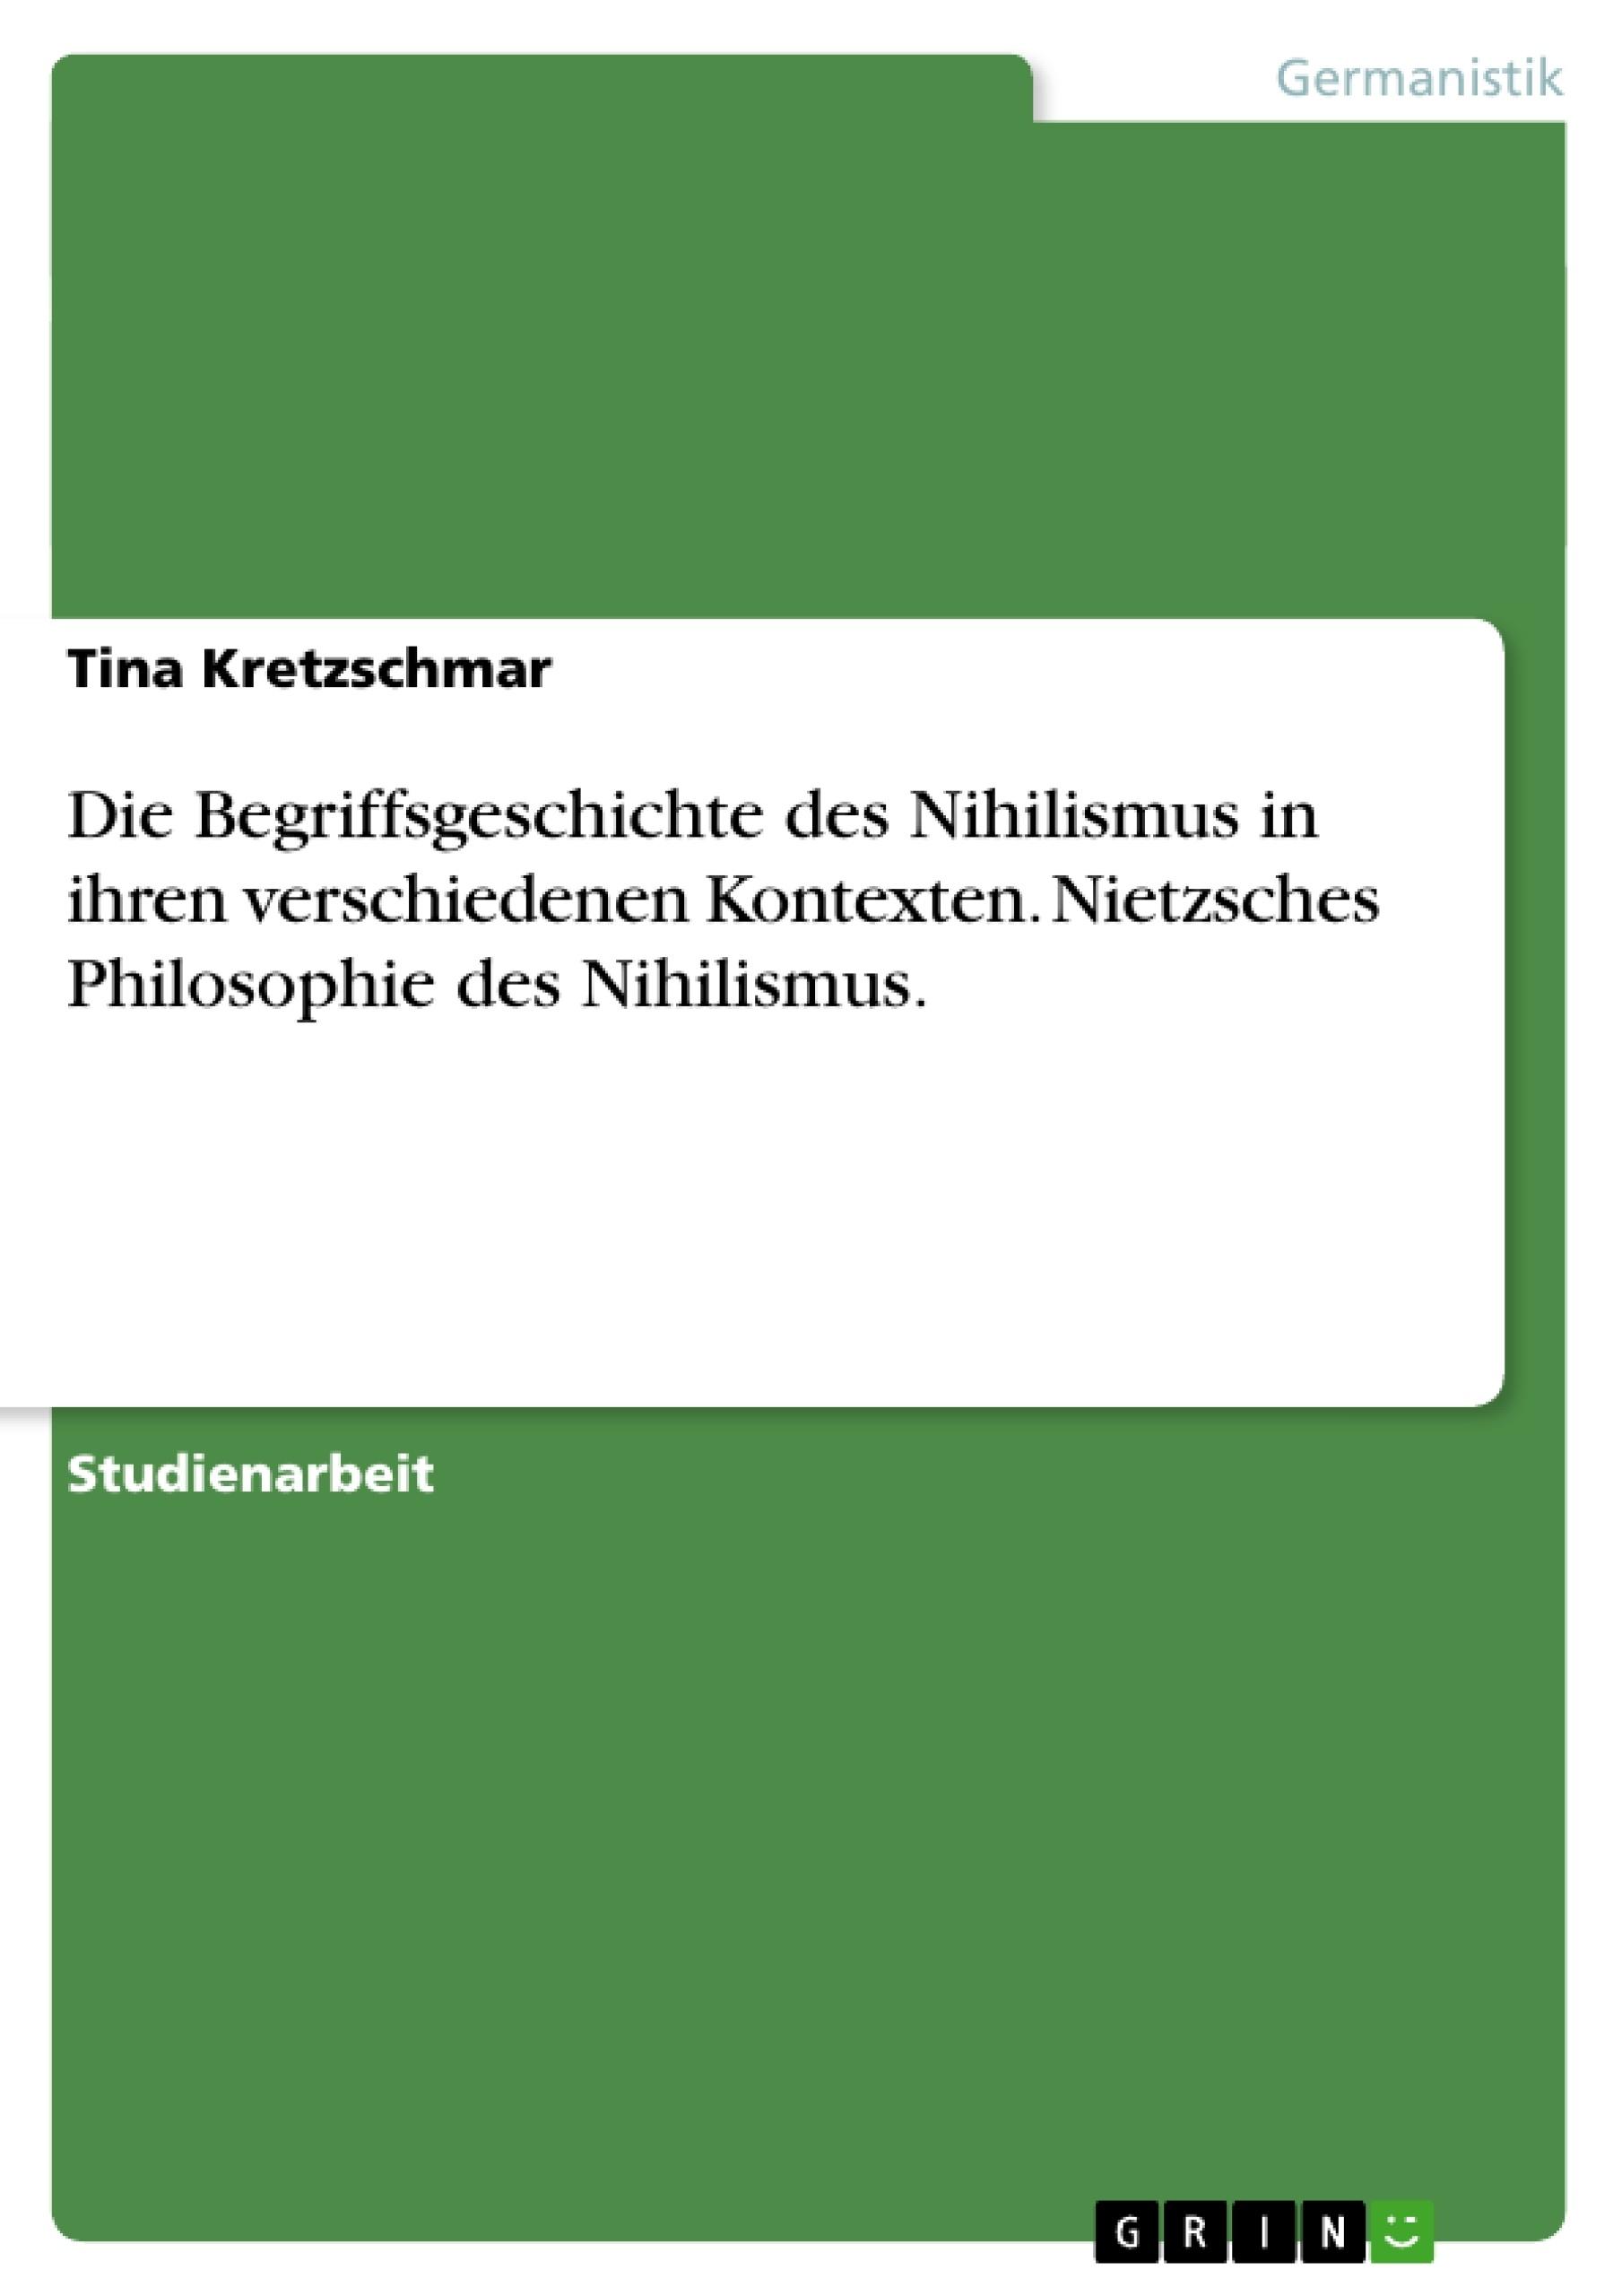 Titel: Die Begriffsgeschichte des Nihilismus in ihren verschiedenen Kontexten. Nietzsches Philosophie des Nihilismus.